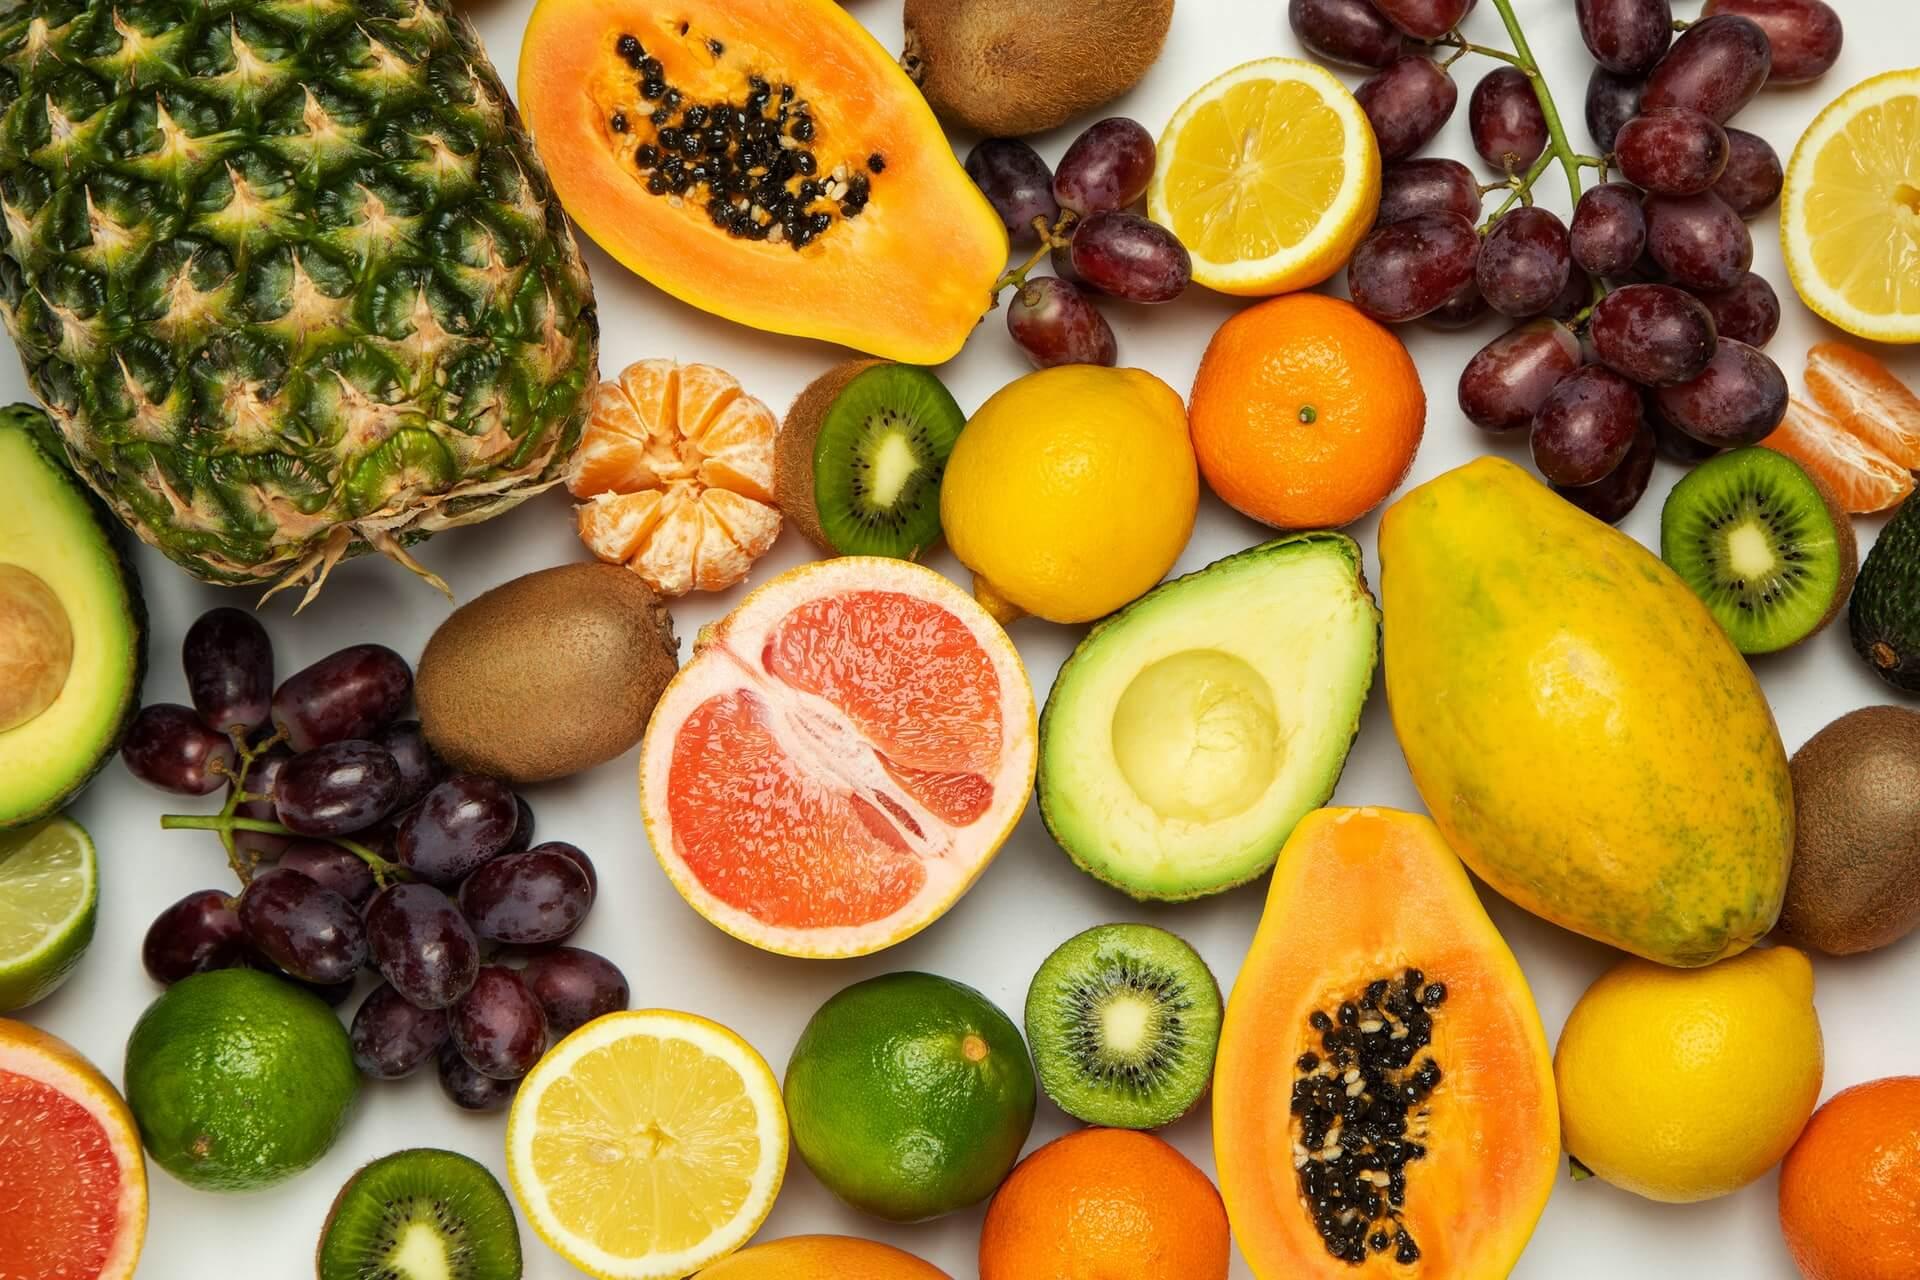 Kaufland školama daruje voće i povrće za cijelu godinu: Nagrada ide onima koji najbolje riješe zanimljiv izazov